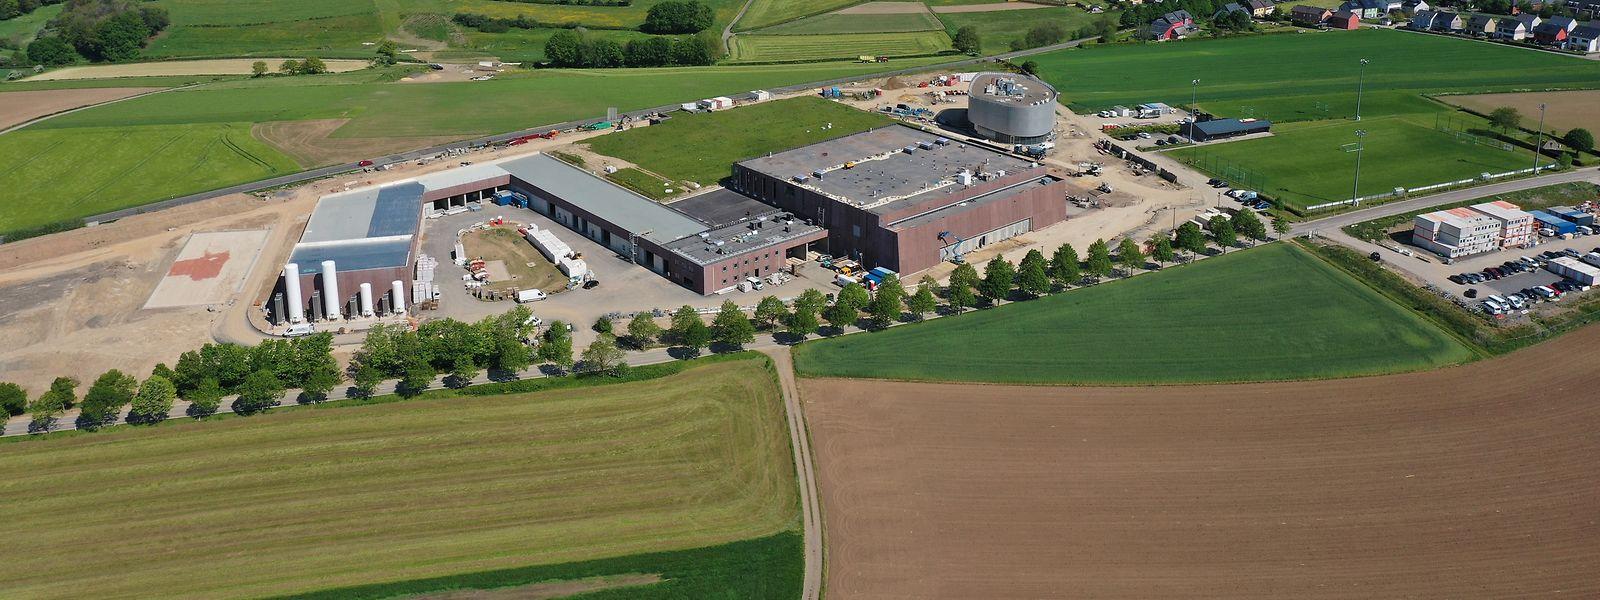 Der Standort der neuen Trinkwasser-Aufbereitungsanlage in Eschdorf aus der Vogelperspektive.